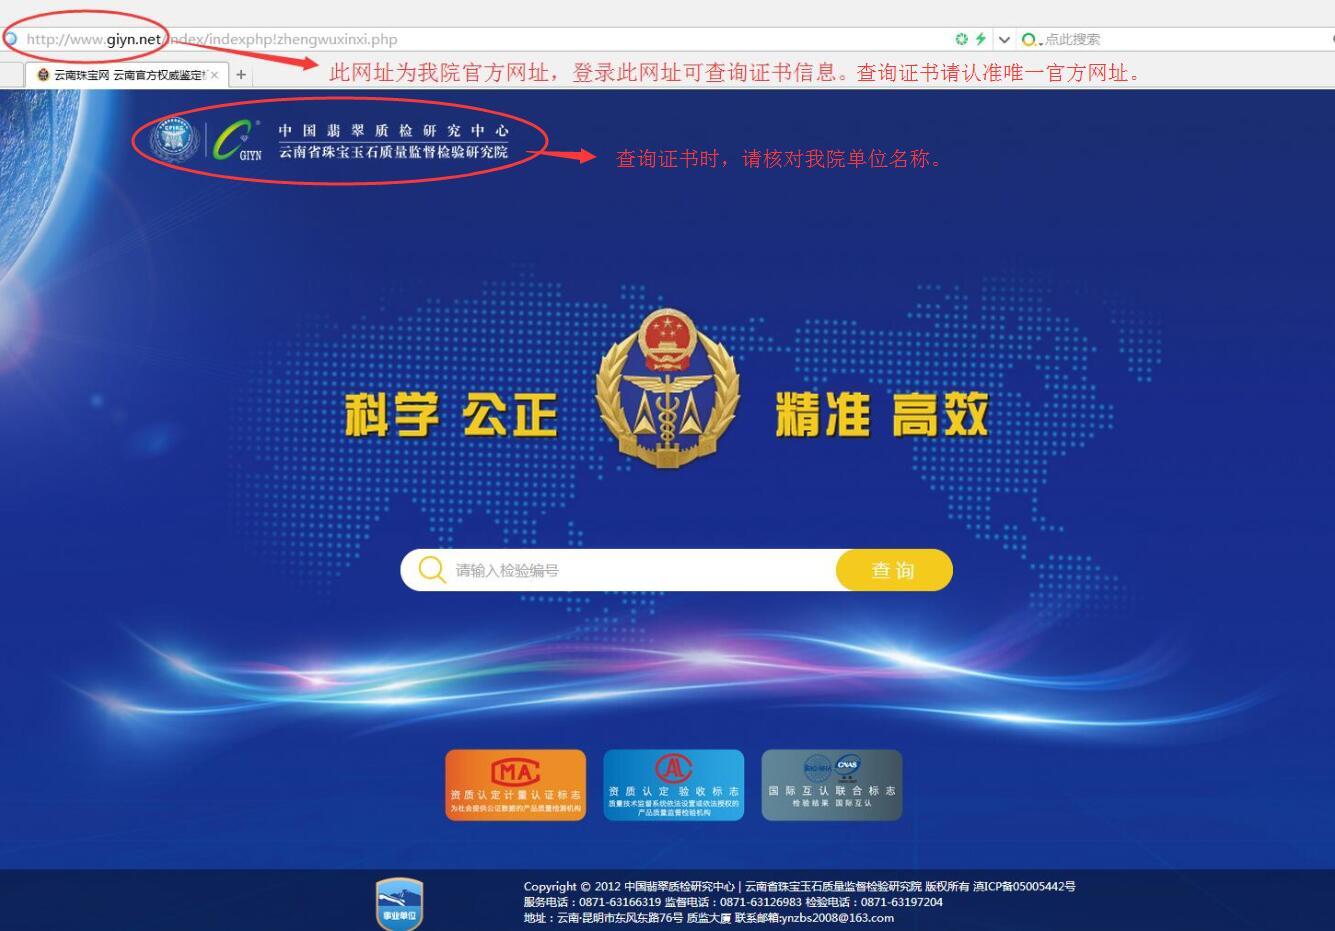 官方网站首页截图 1.jpg